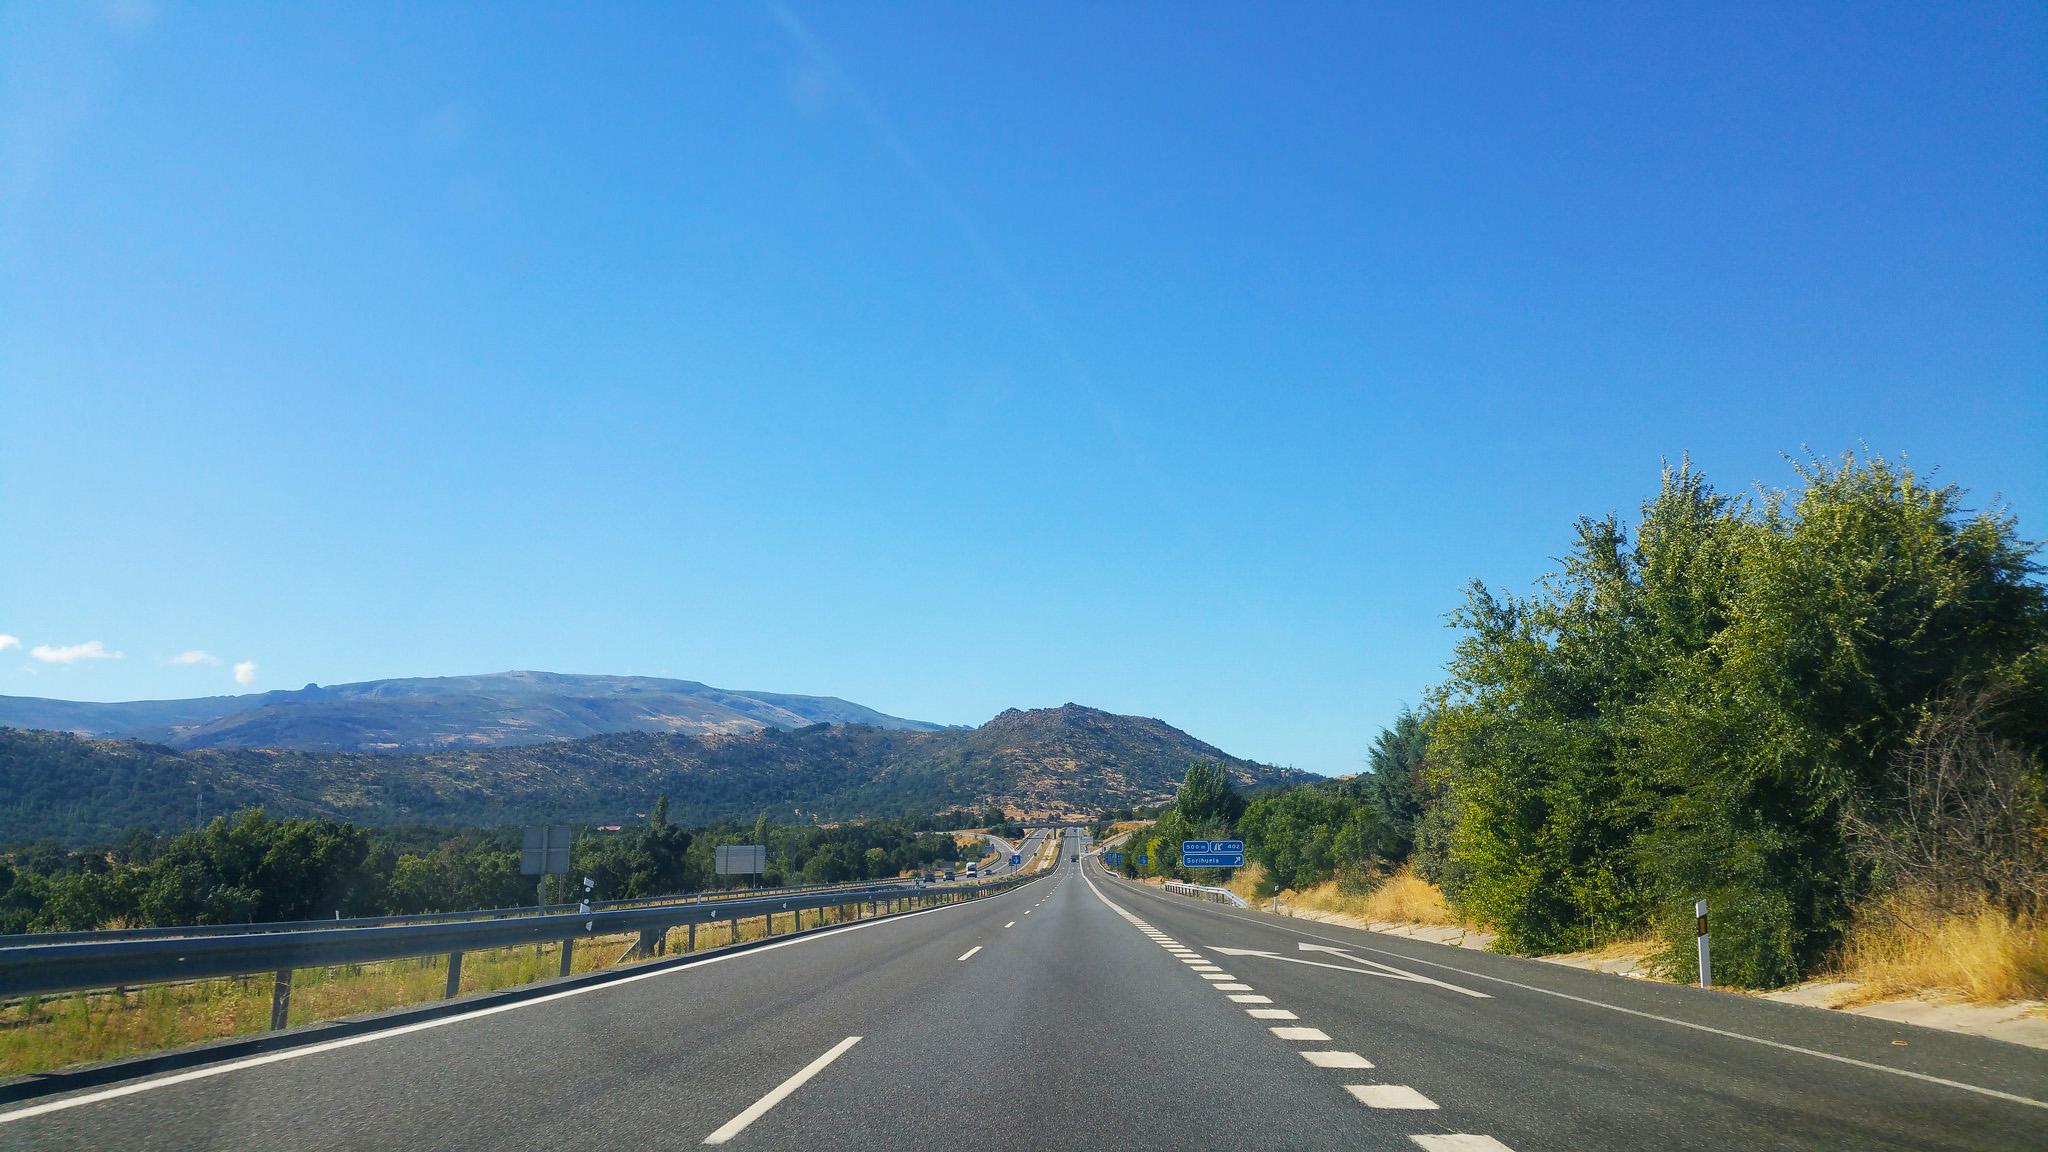 soi_55_travel_blog_euro_trip_spanis_roads_spain